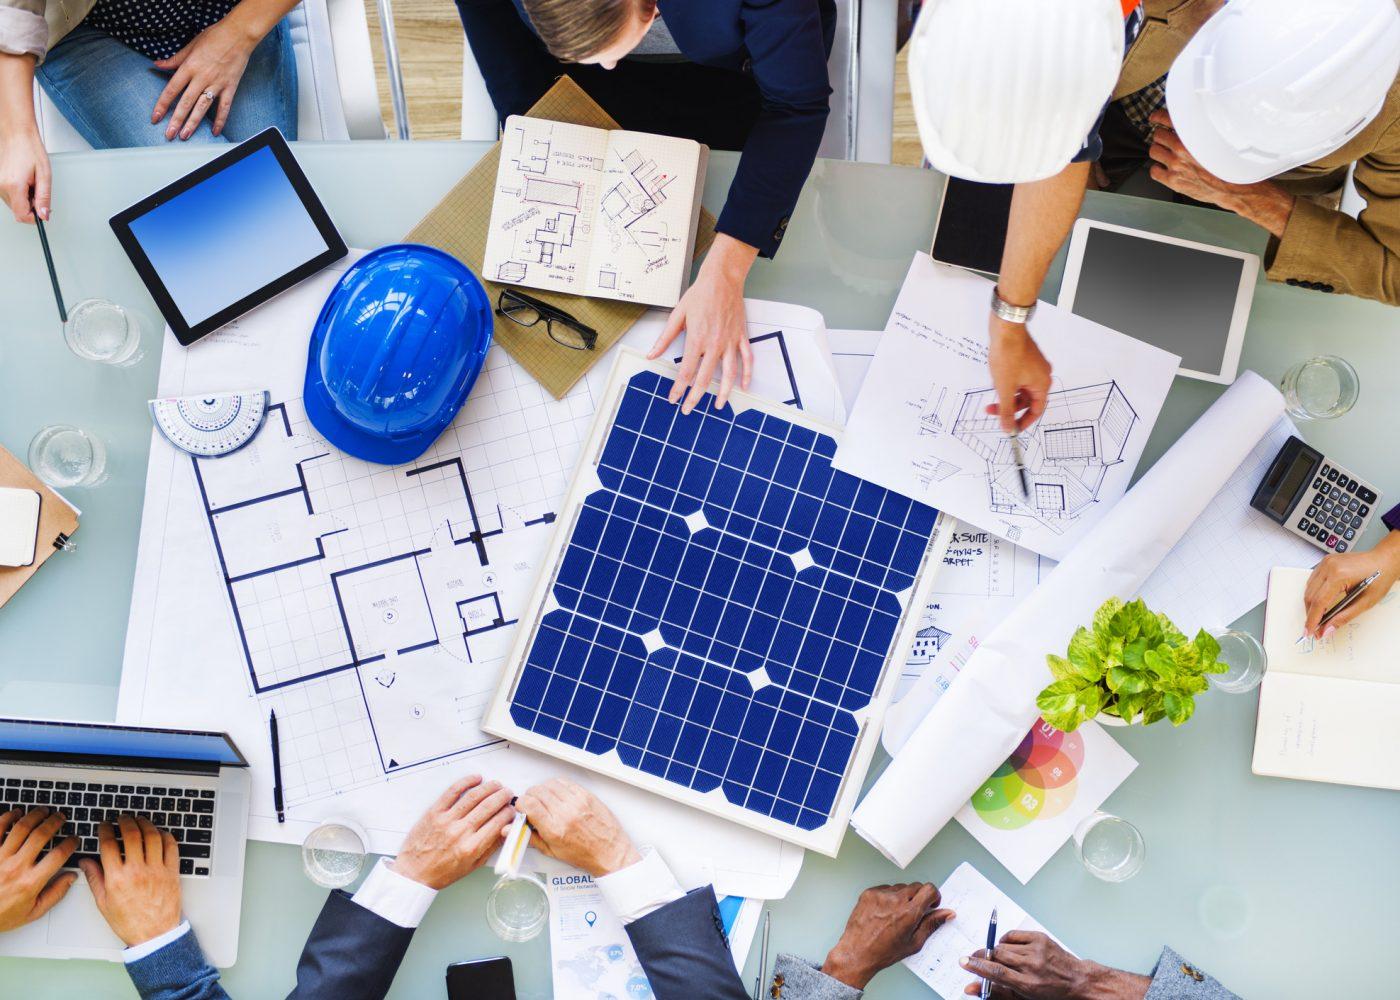 pessoas à volta da mesa de trabalho a analisar um projeto de energias renováveis